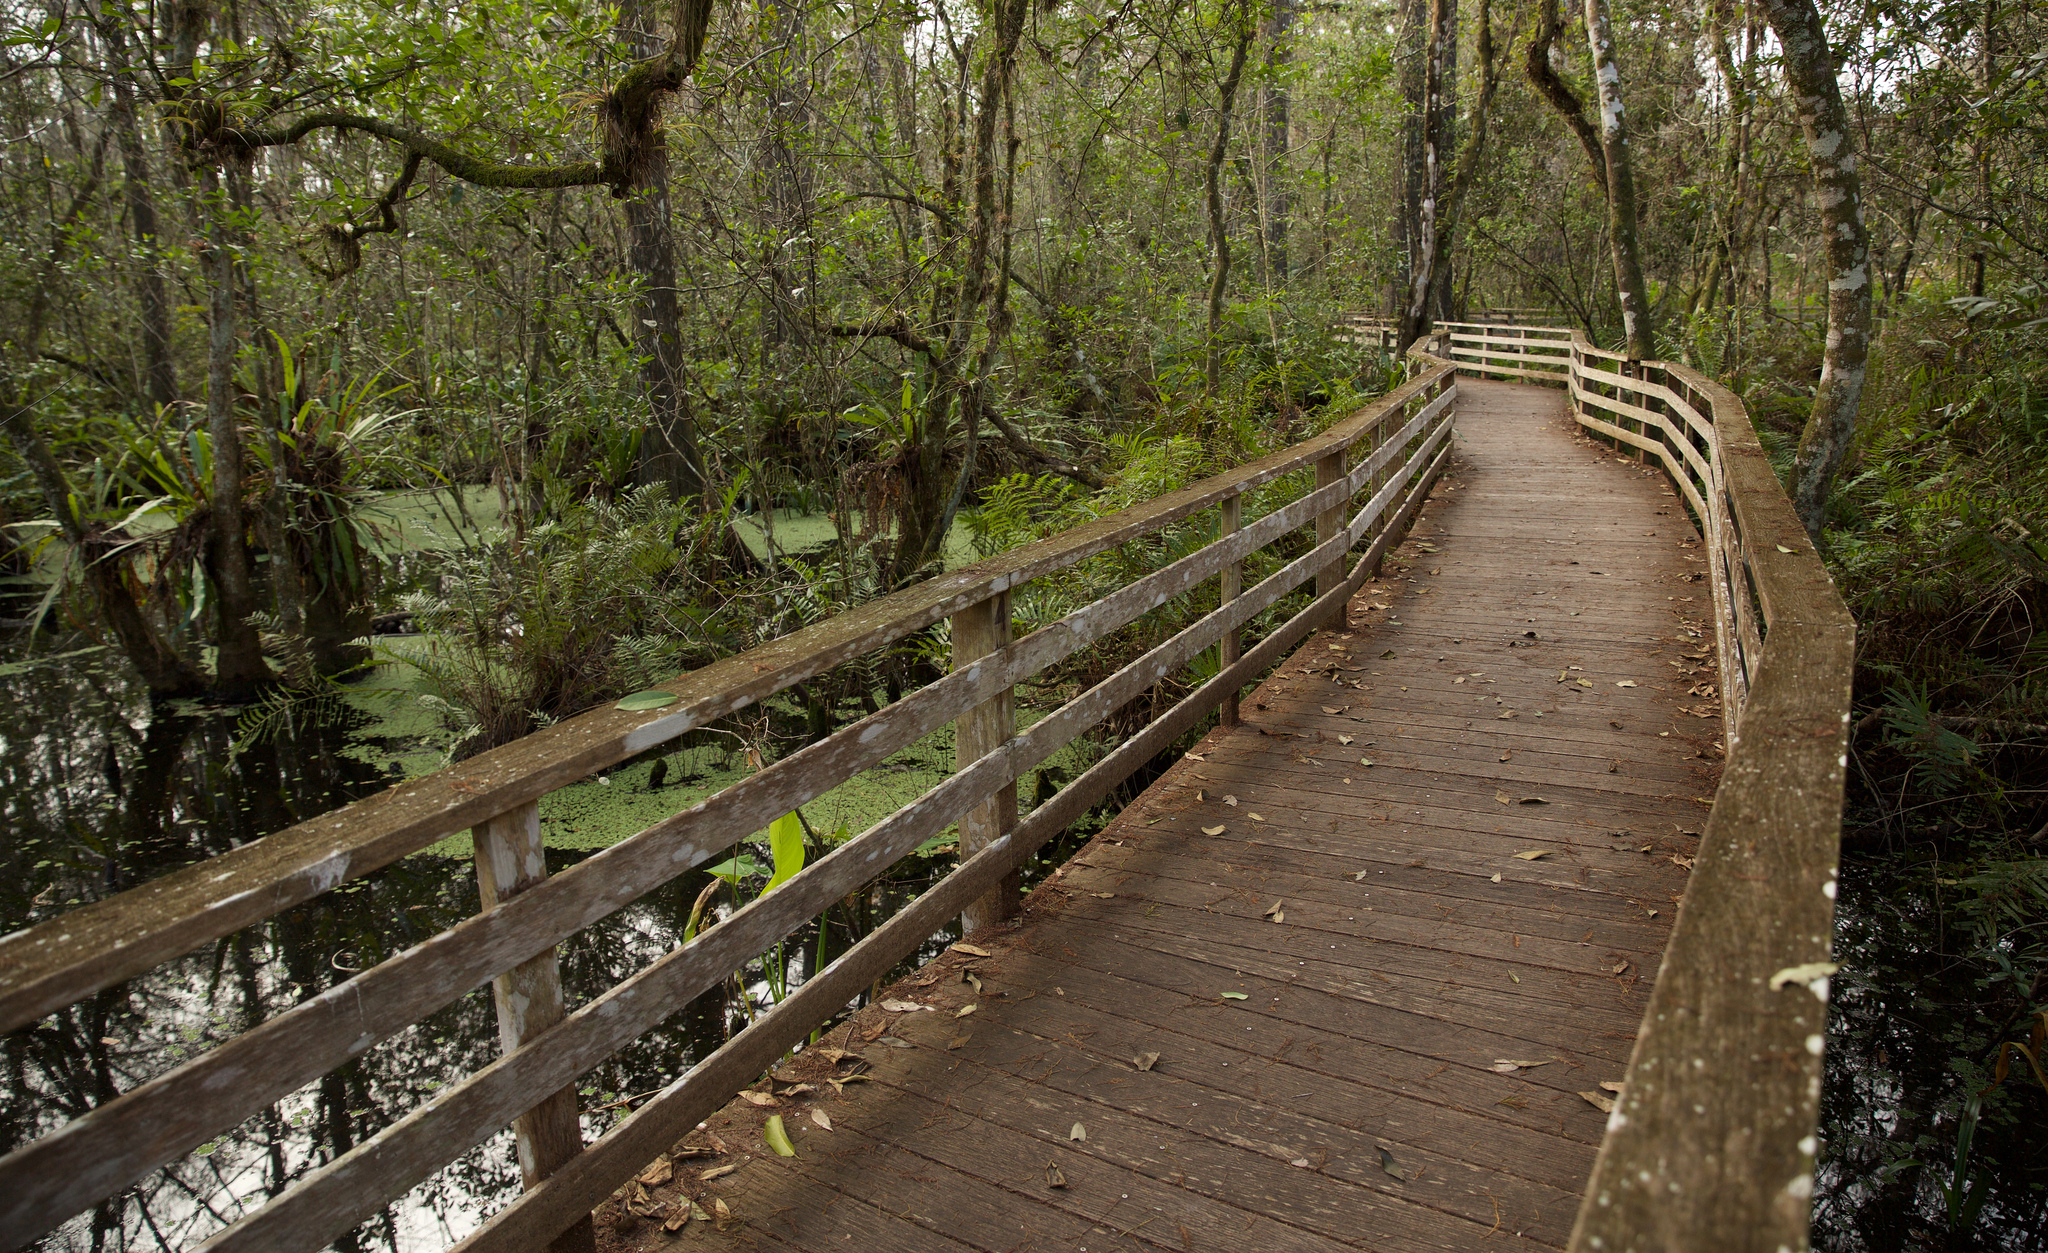 Corkscrew Swamp Boardwalk